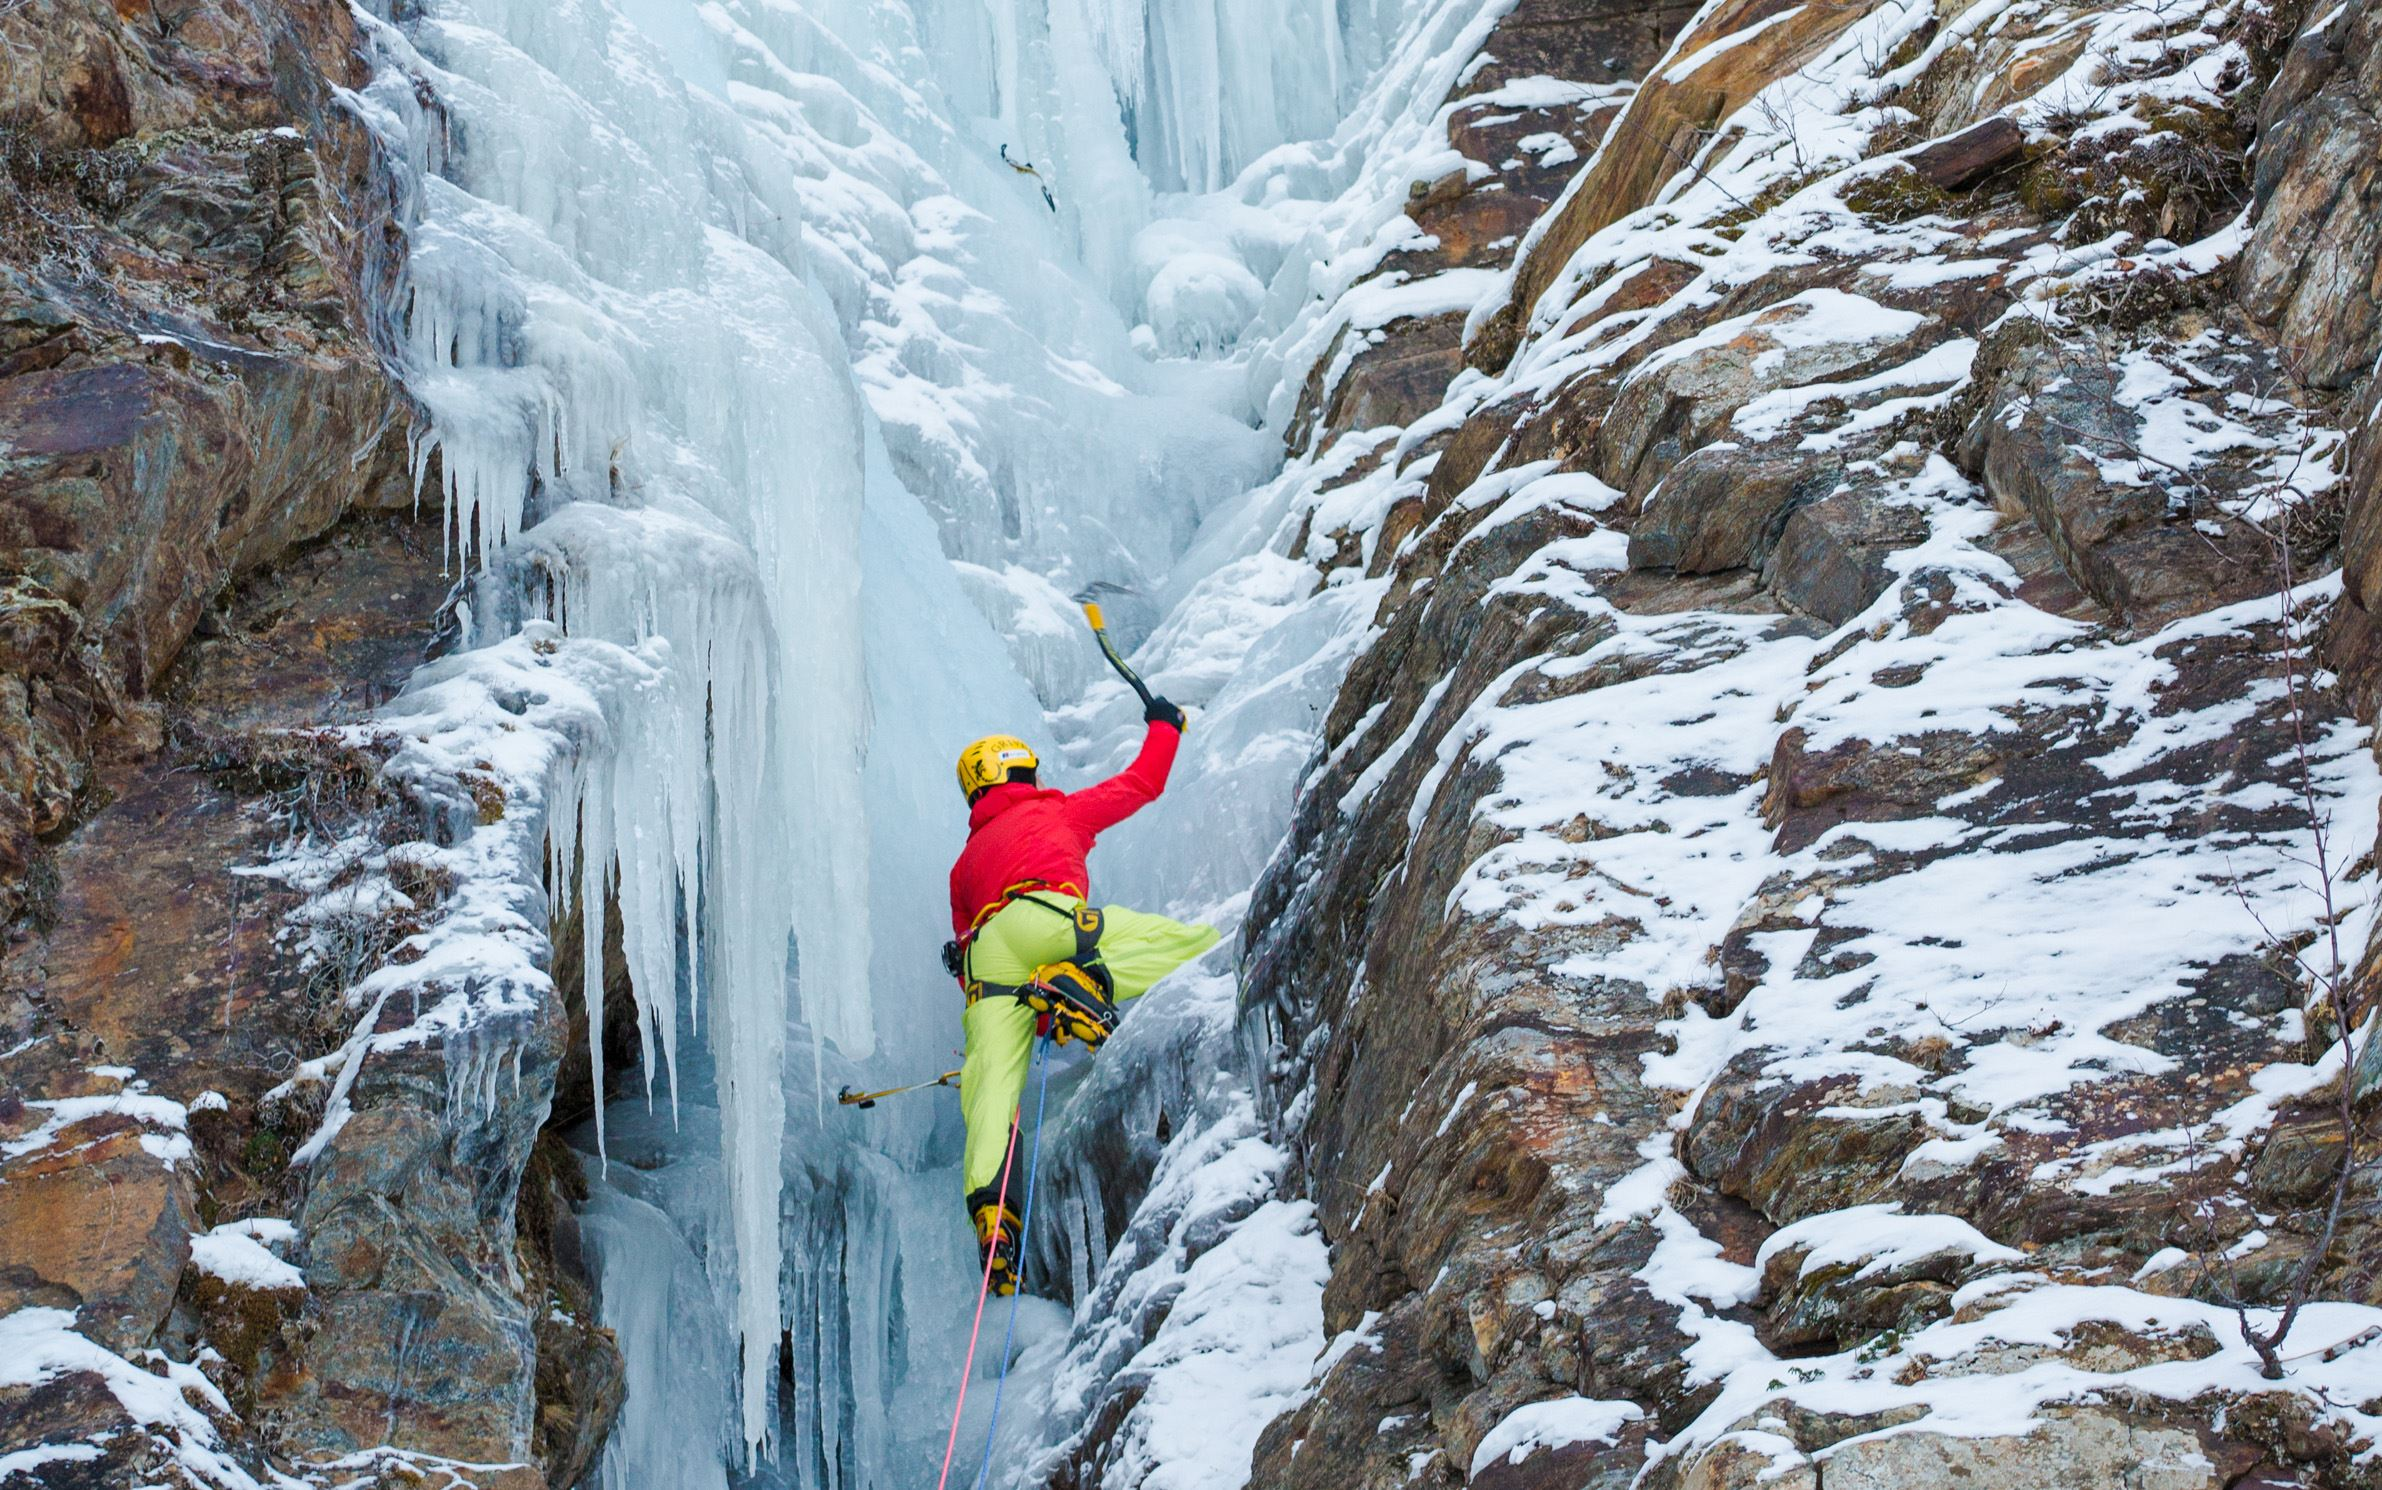 Abisko - Isklättring på vertikal is